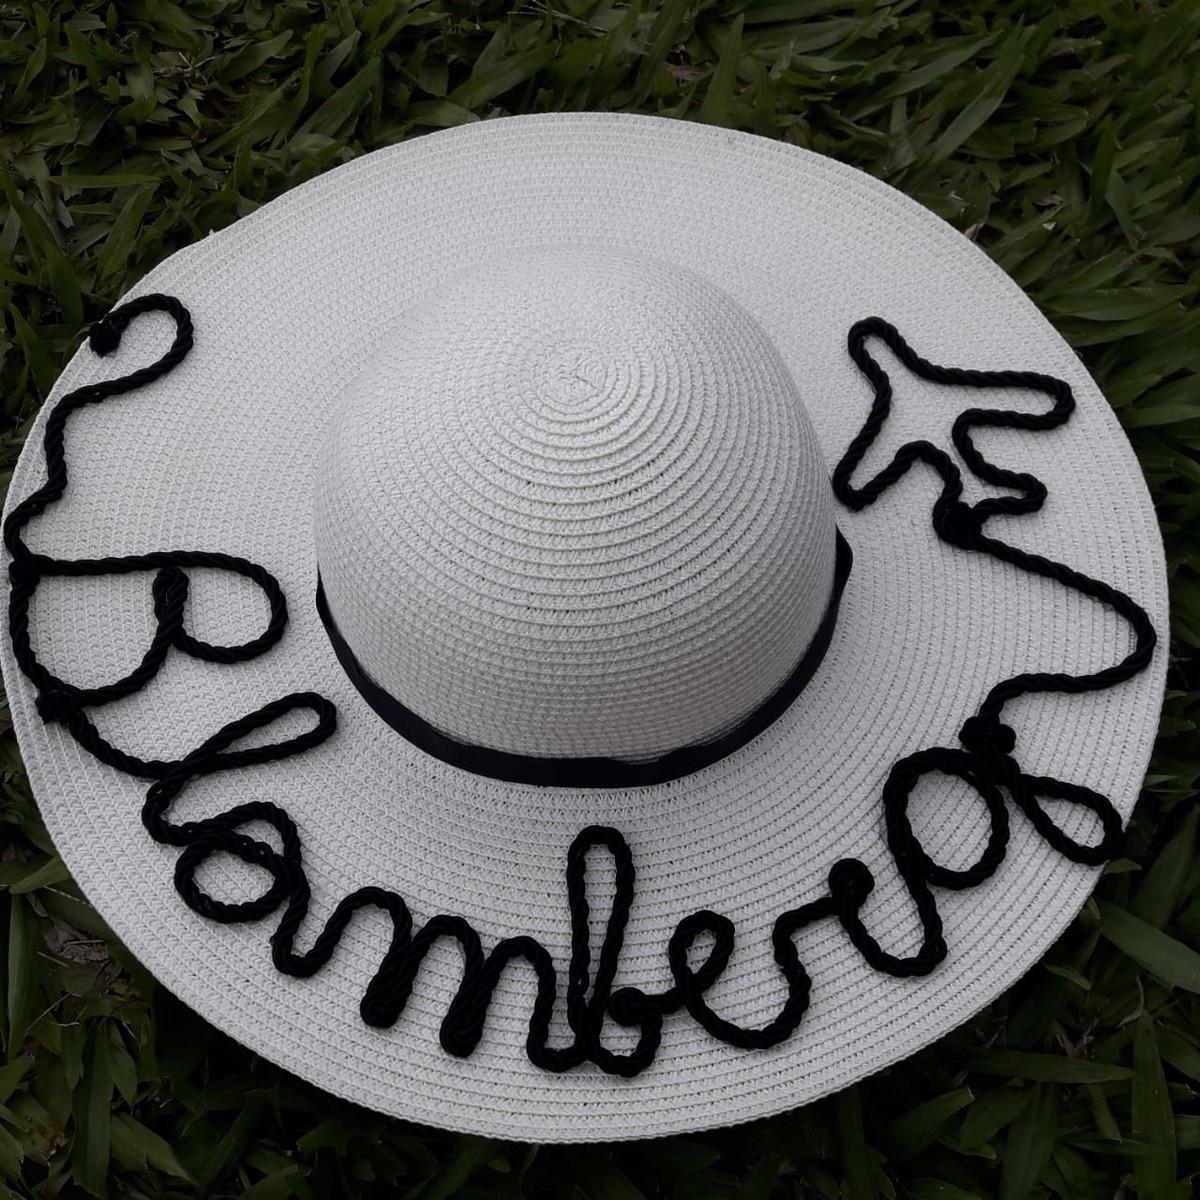 chapéu de praia personalizado no Elo7  f5e608ee4f8